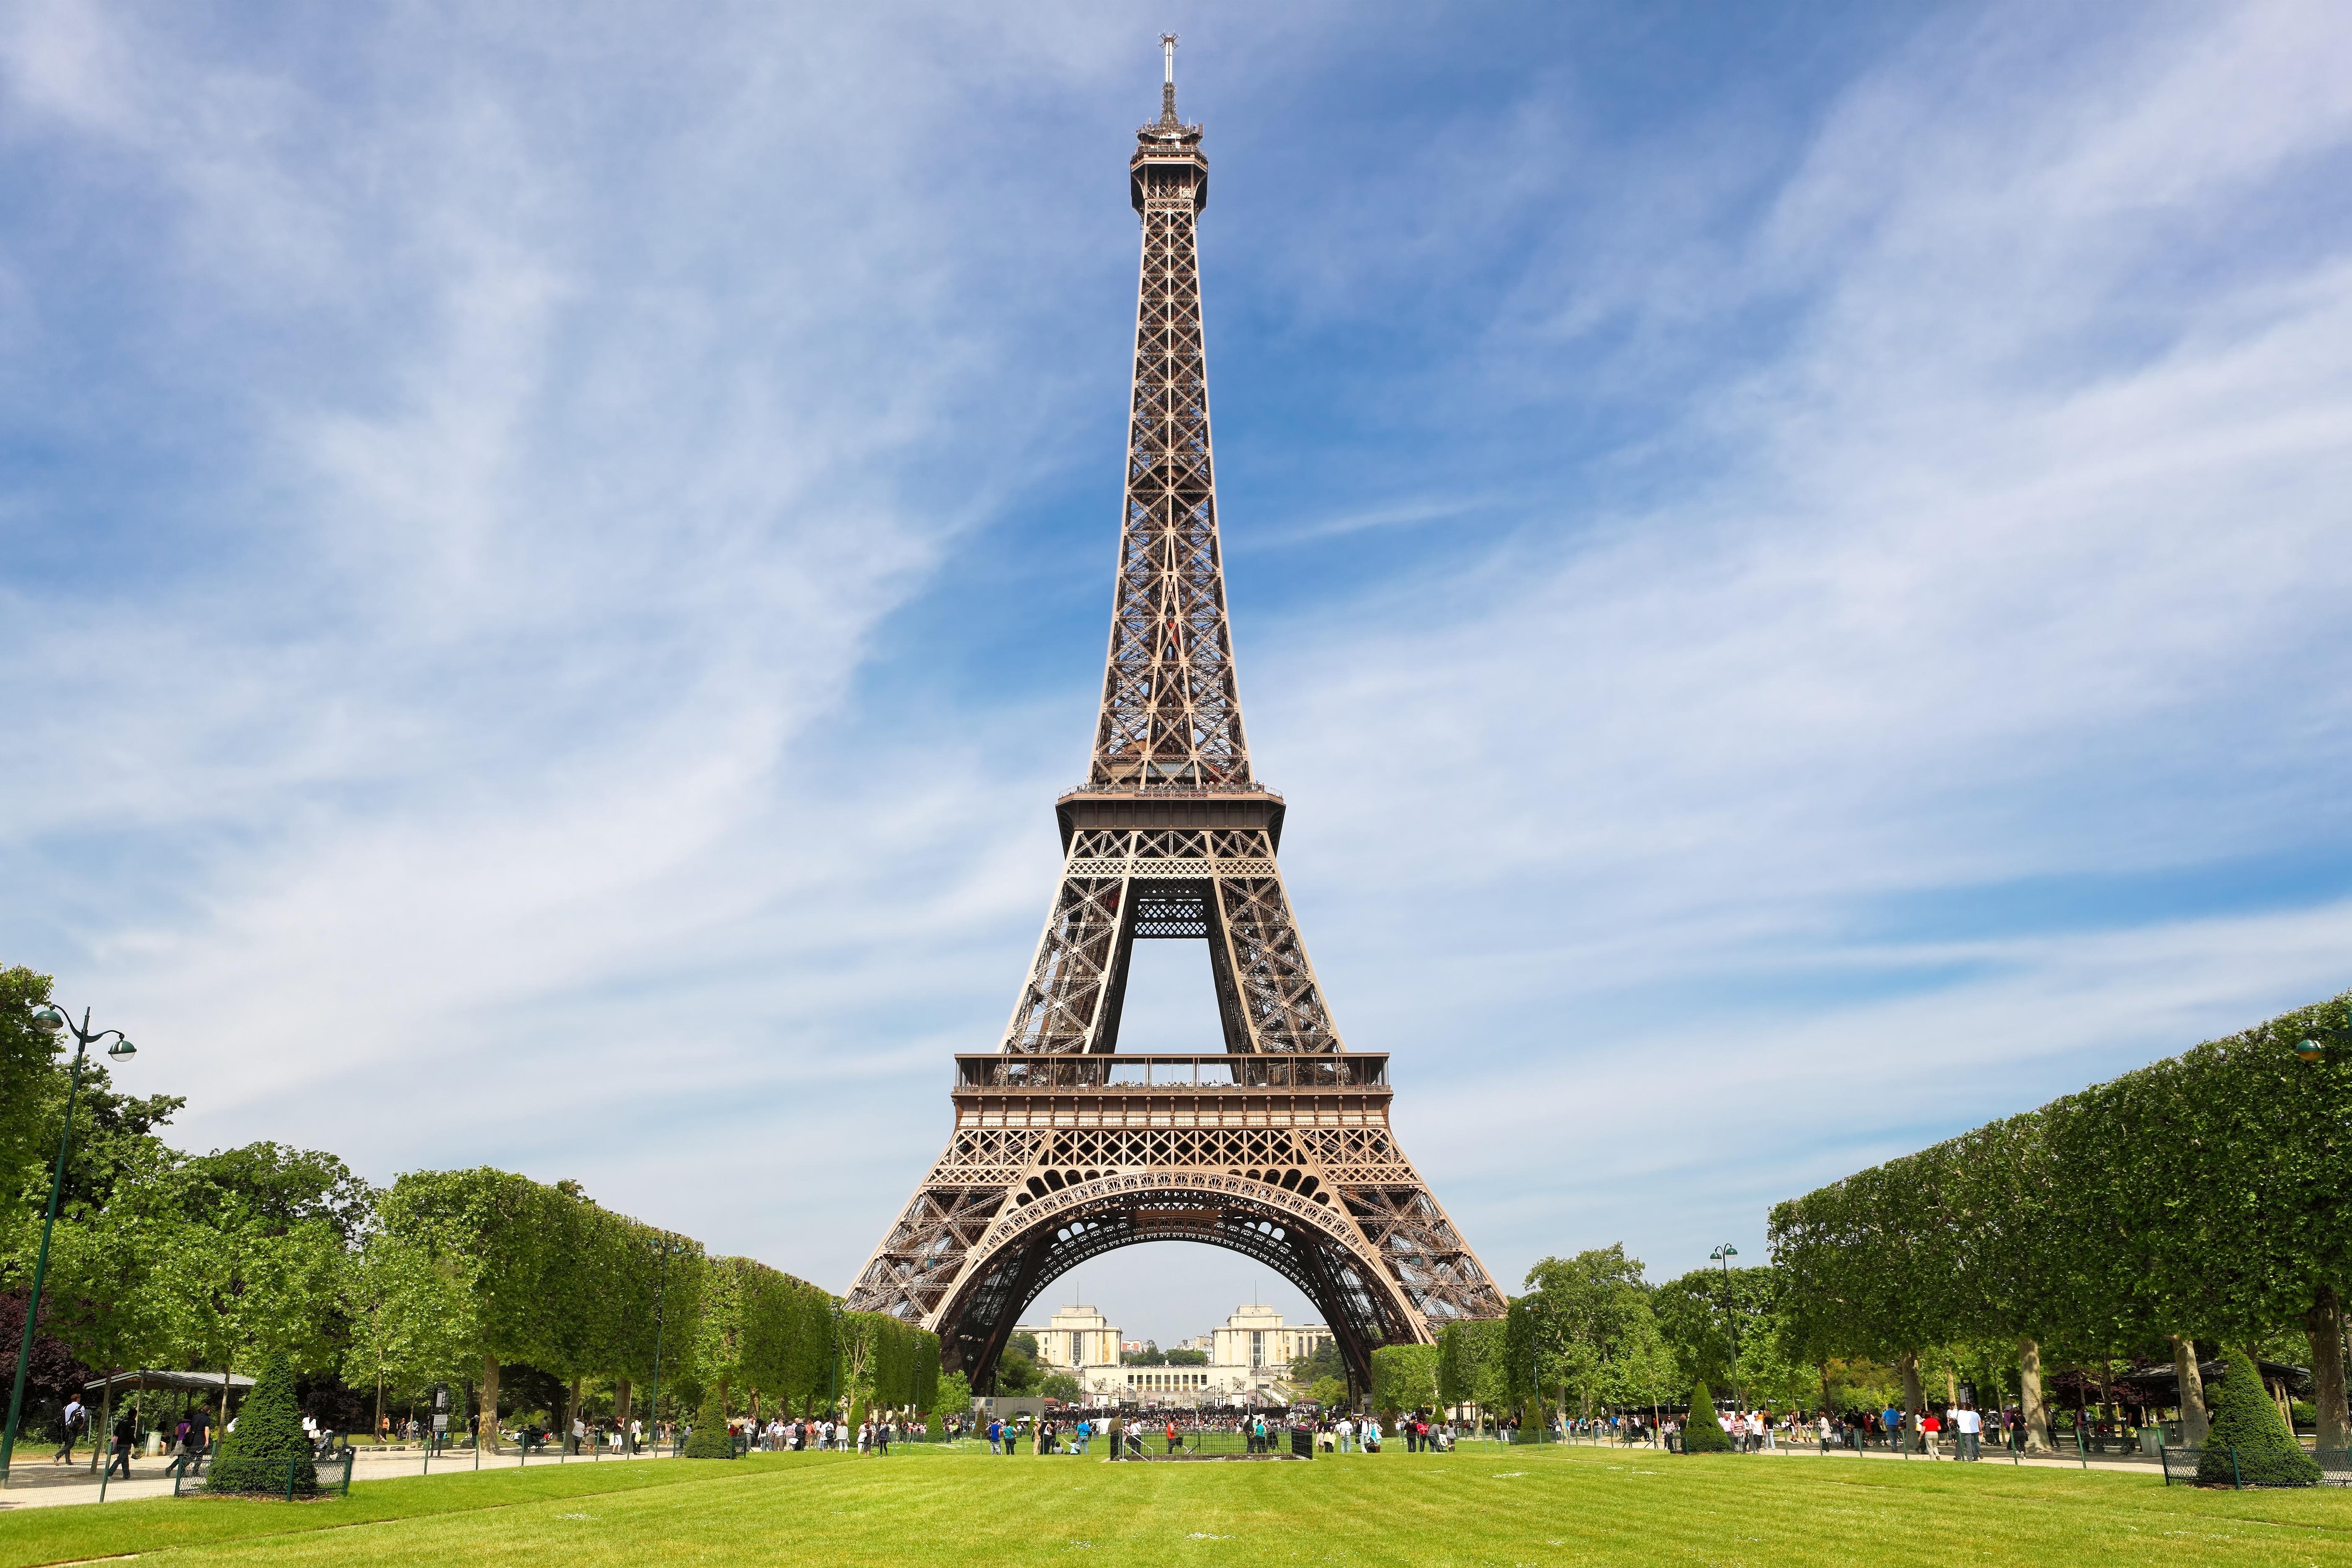 ทัวร์ยุโรป-เทศกาลปีใหม่-EUROPE-CLASSIC-อิตาลี-สวิส-ฝรั่งเศส-10D7N-(AUG-DEC18)-(TG)-TG004